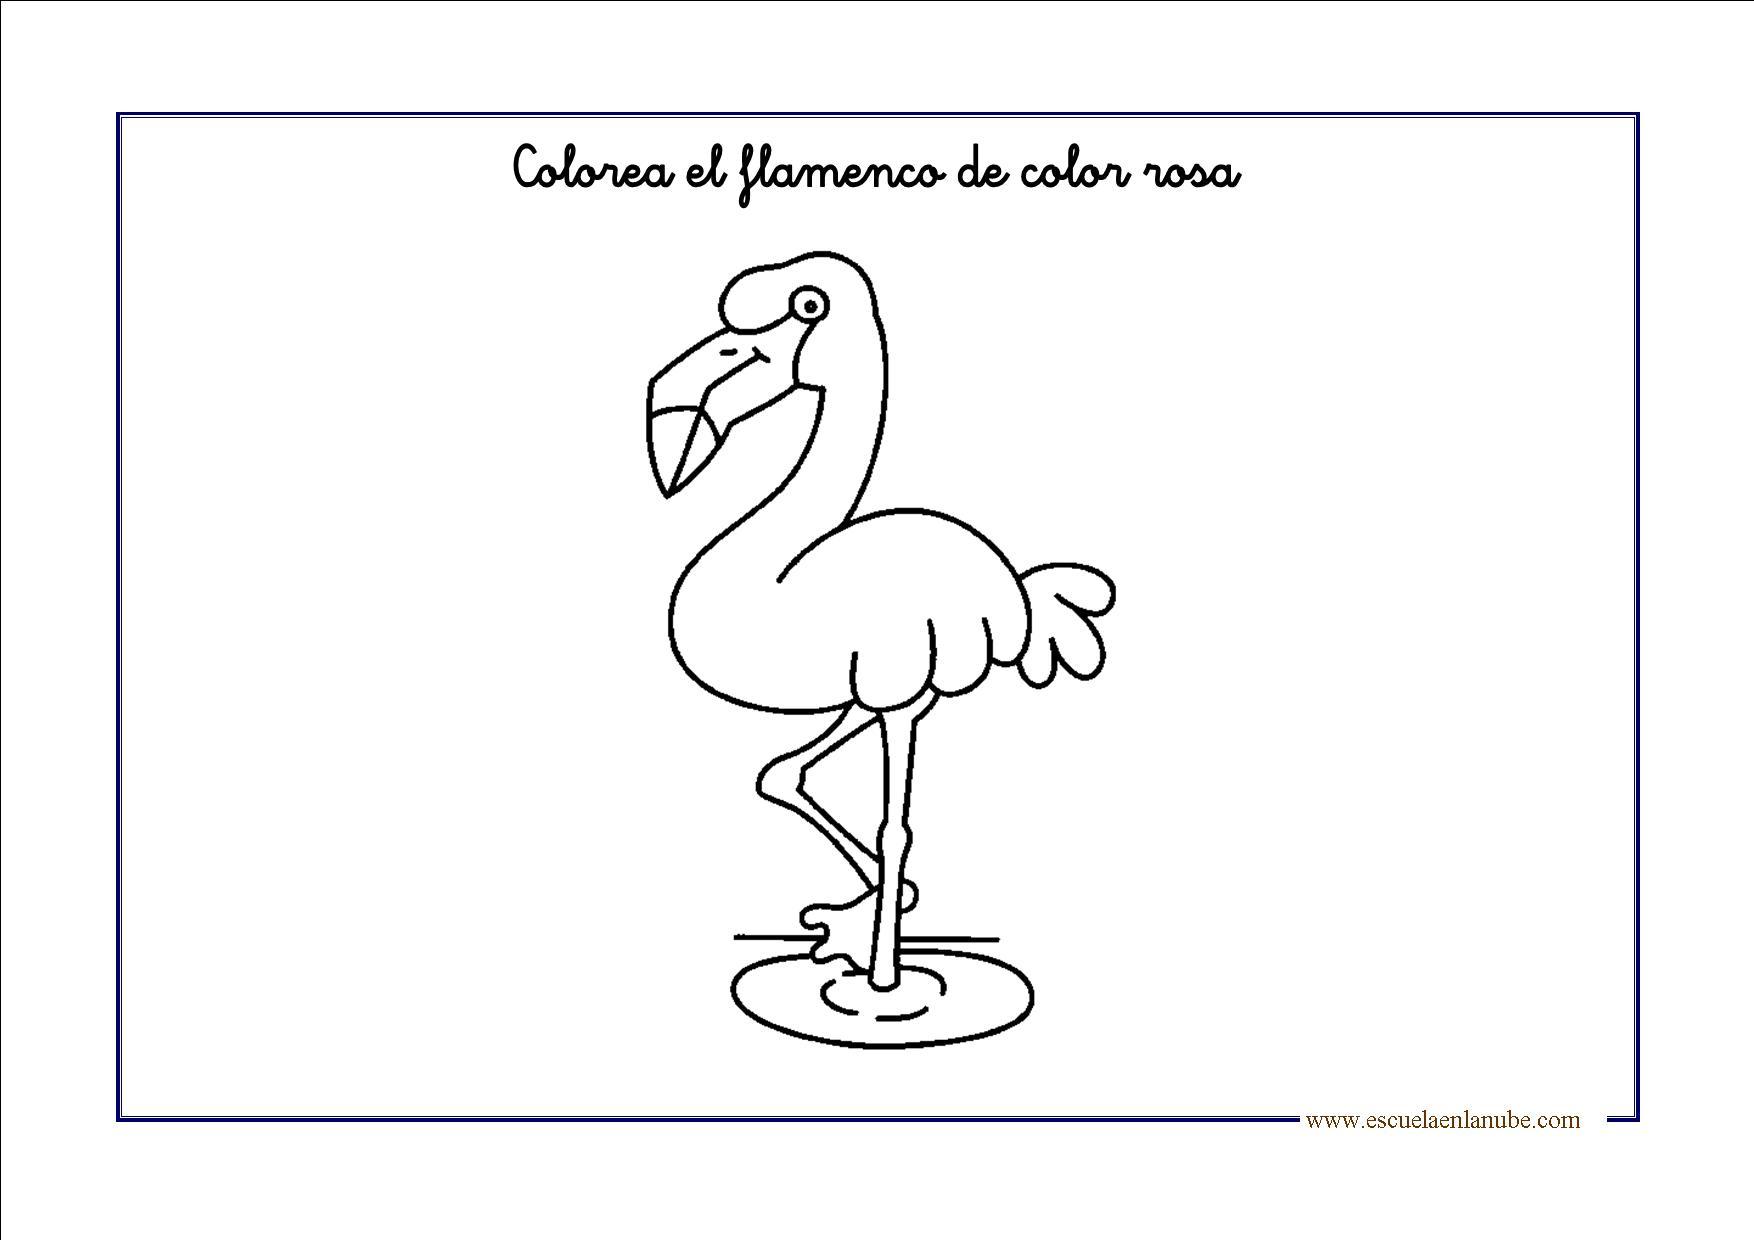 Lujoso Colorear Parques Rosa Molde - Dibujos Para Colorear En Línea ...